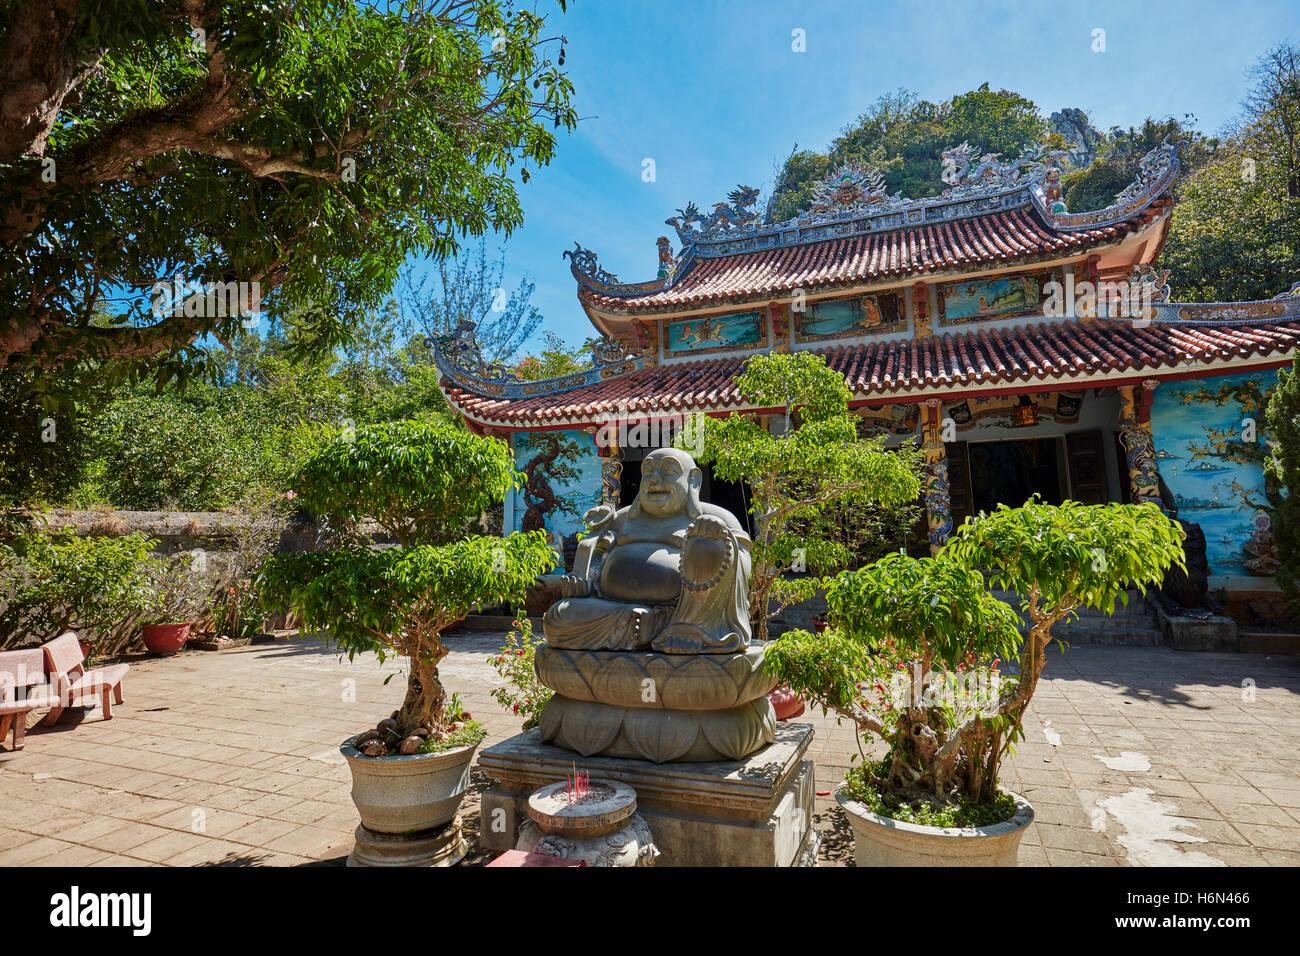 Tam Thai Pagoda on Thuy Son Mountain. The Marble Mountains, Da Nang, Vietnam. - Stock Image